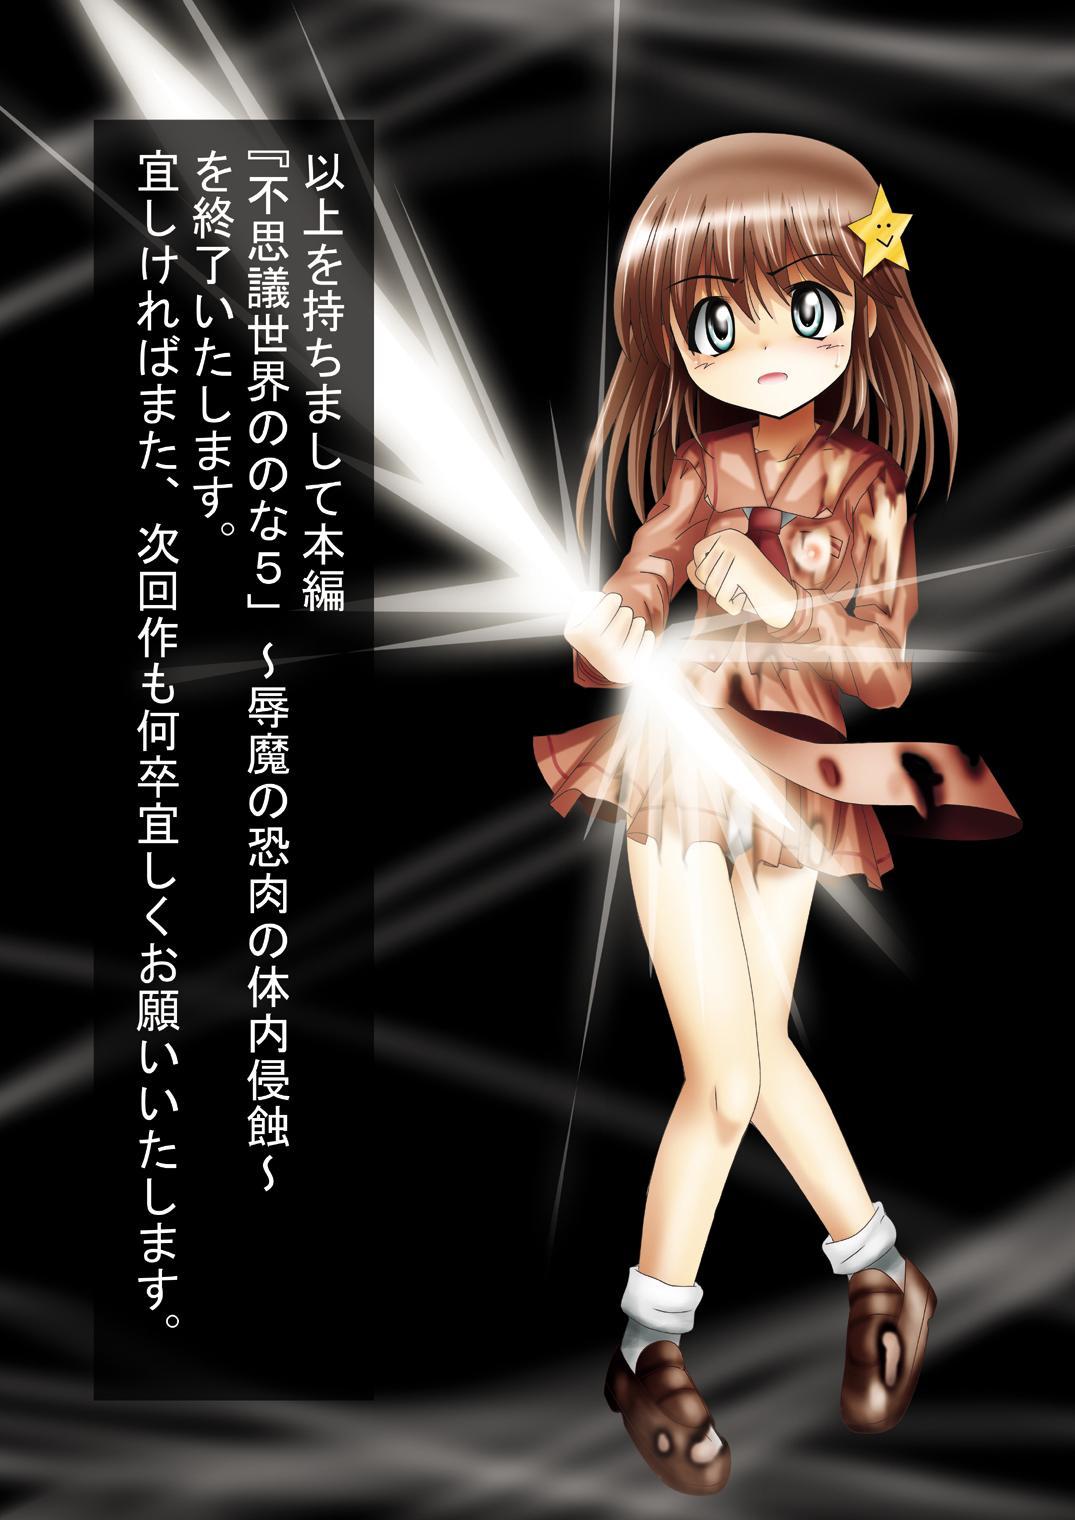 [Dende] Fushigi Sekai -Mystery World- Nonoha 5 ~Jokuma no Kyouniku no Tainai Shinshoku~ 142